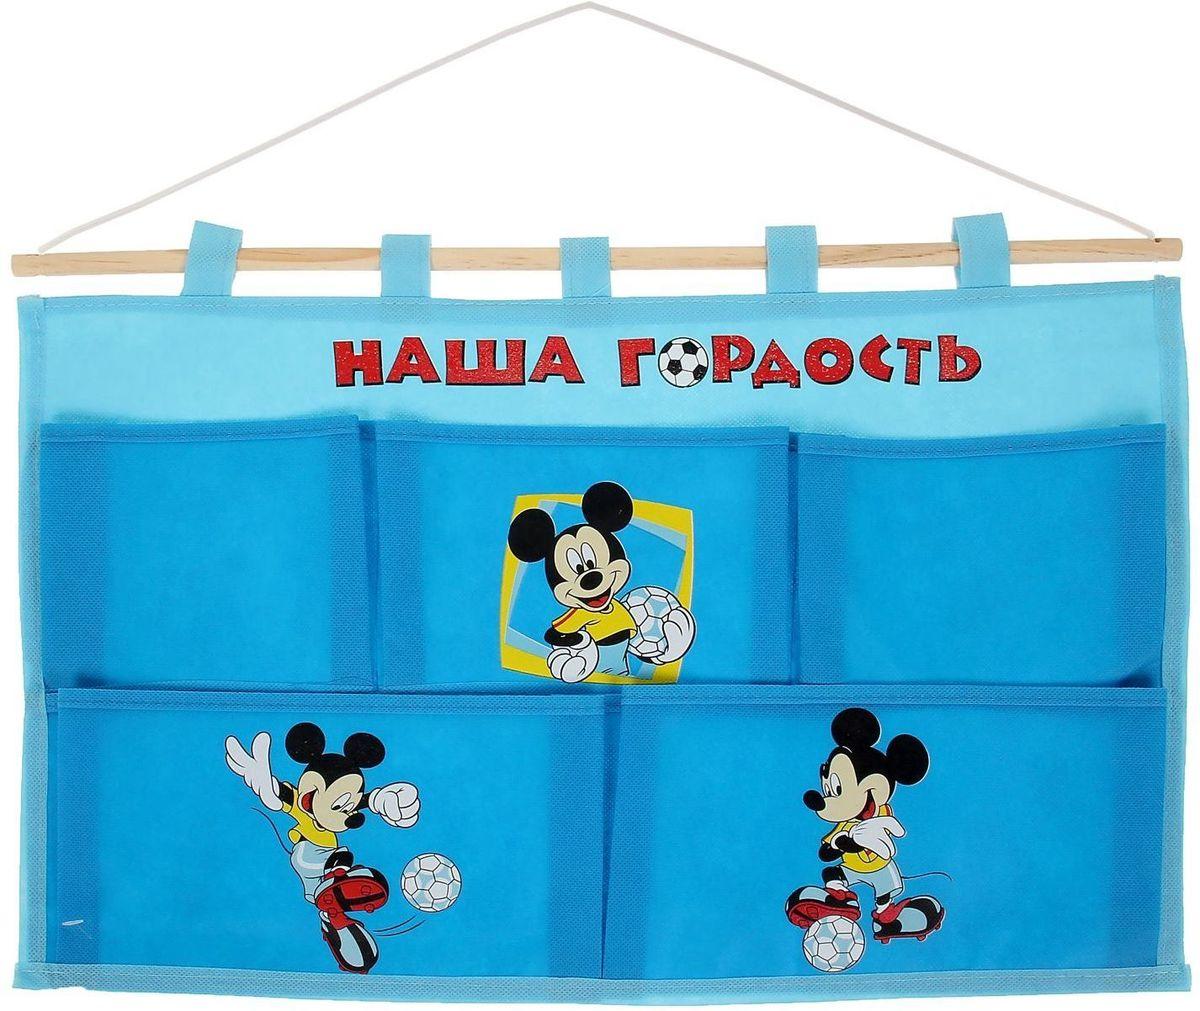 Disney Кармашки настенные Наша гордость Микки Маус 5 отделений1162116Порядок с любимыми героями Disney. Украсьте комнату ребёнка стильным и полезным аксессуаром. Настенные кармашки организуют вещи малышки и помогут содержать комнату в чистоте и порядке. Положите туда игрушки или одежду, и детская преобразится! Кармашки даже можно использовать в ванной комнате.Набор из нетканого материала спанбонд крепится на деревянную палочку, а вся конструкция подвешивается за верёвку. Яркие рисунки с любимыми персонажами нанесены по термотрансферной технологии.Изделие упаковано в прозрачный пакет, к которому прилагается небольшой шильд с героем Disney, где можно написать тёплые слова и пожелания для адресата.Соберите коллекцию аксессуаров с любимыми героями!